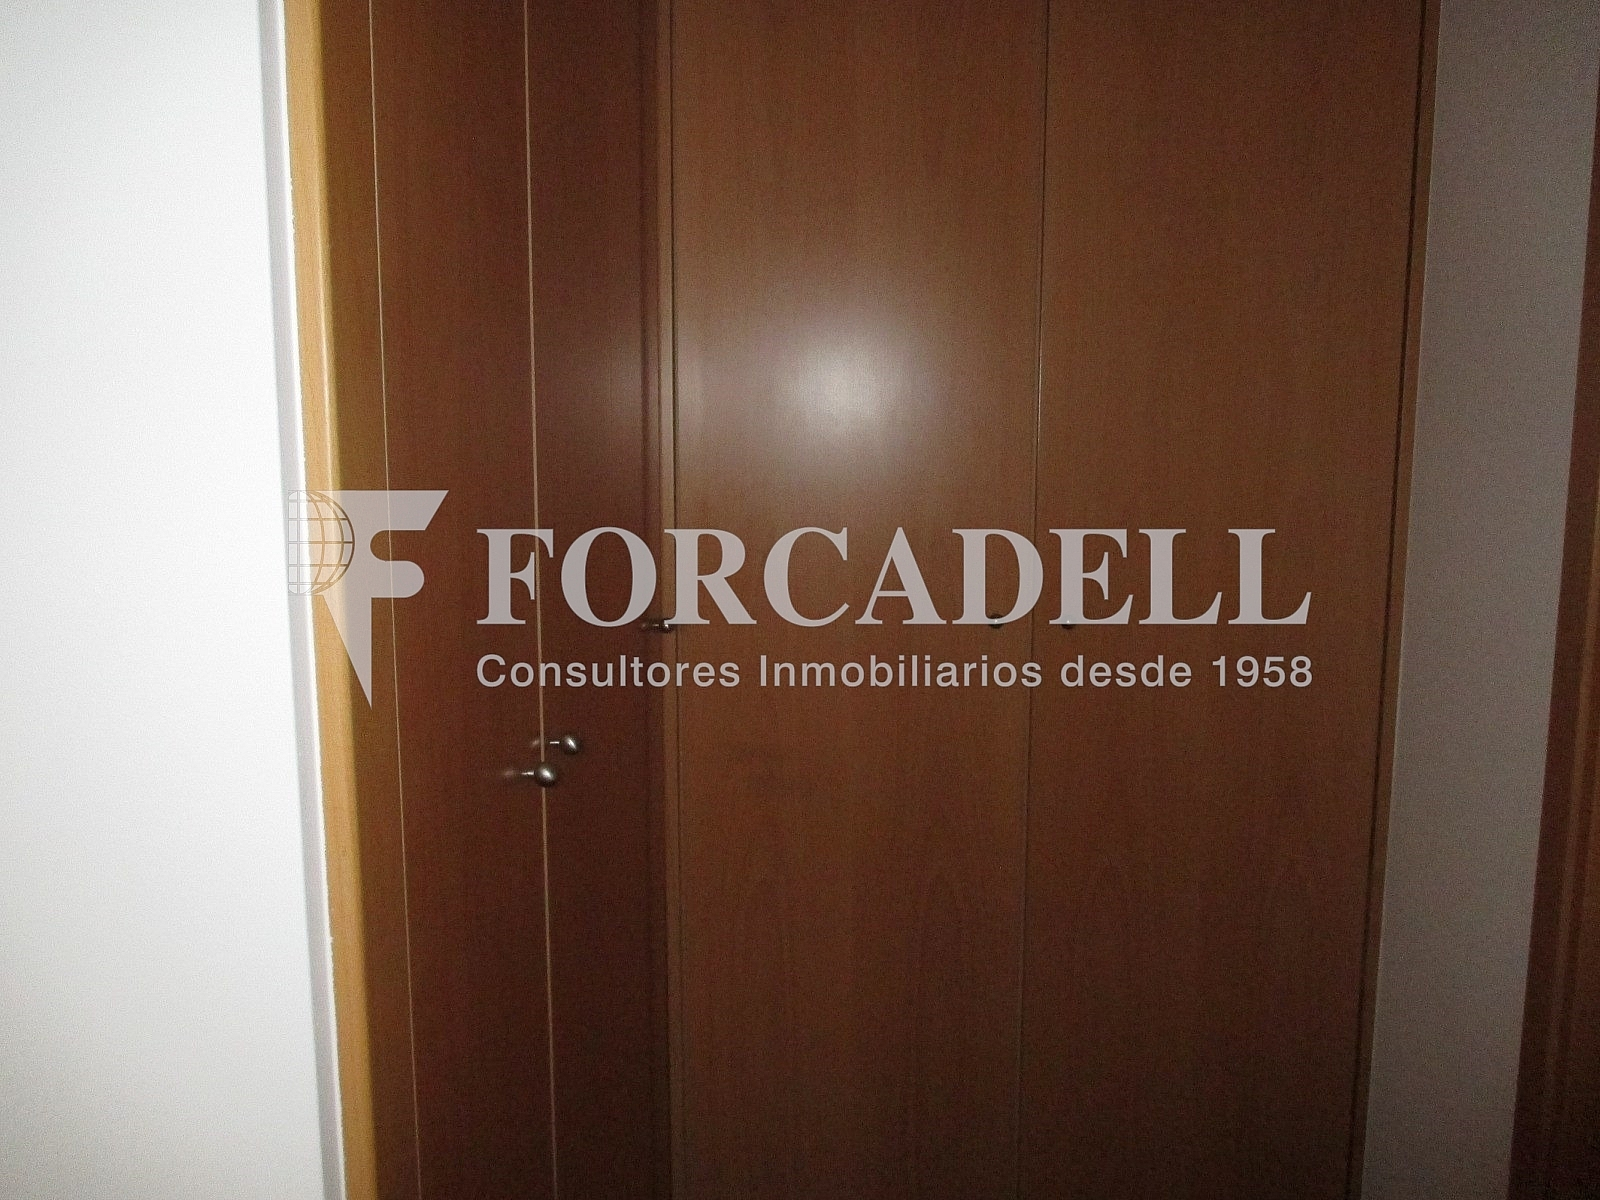 IMG_2679 - Piso en alquiler en calle Merce Rodoreda, Can clota en Esplugues de Llobregat - 331432077